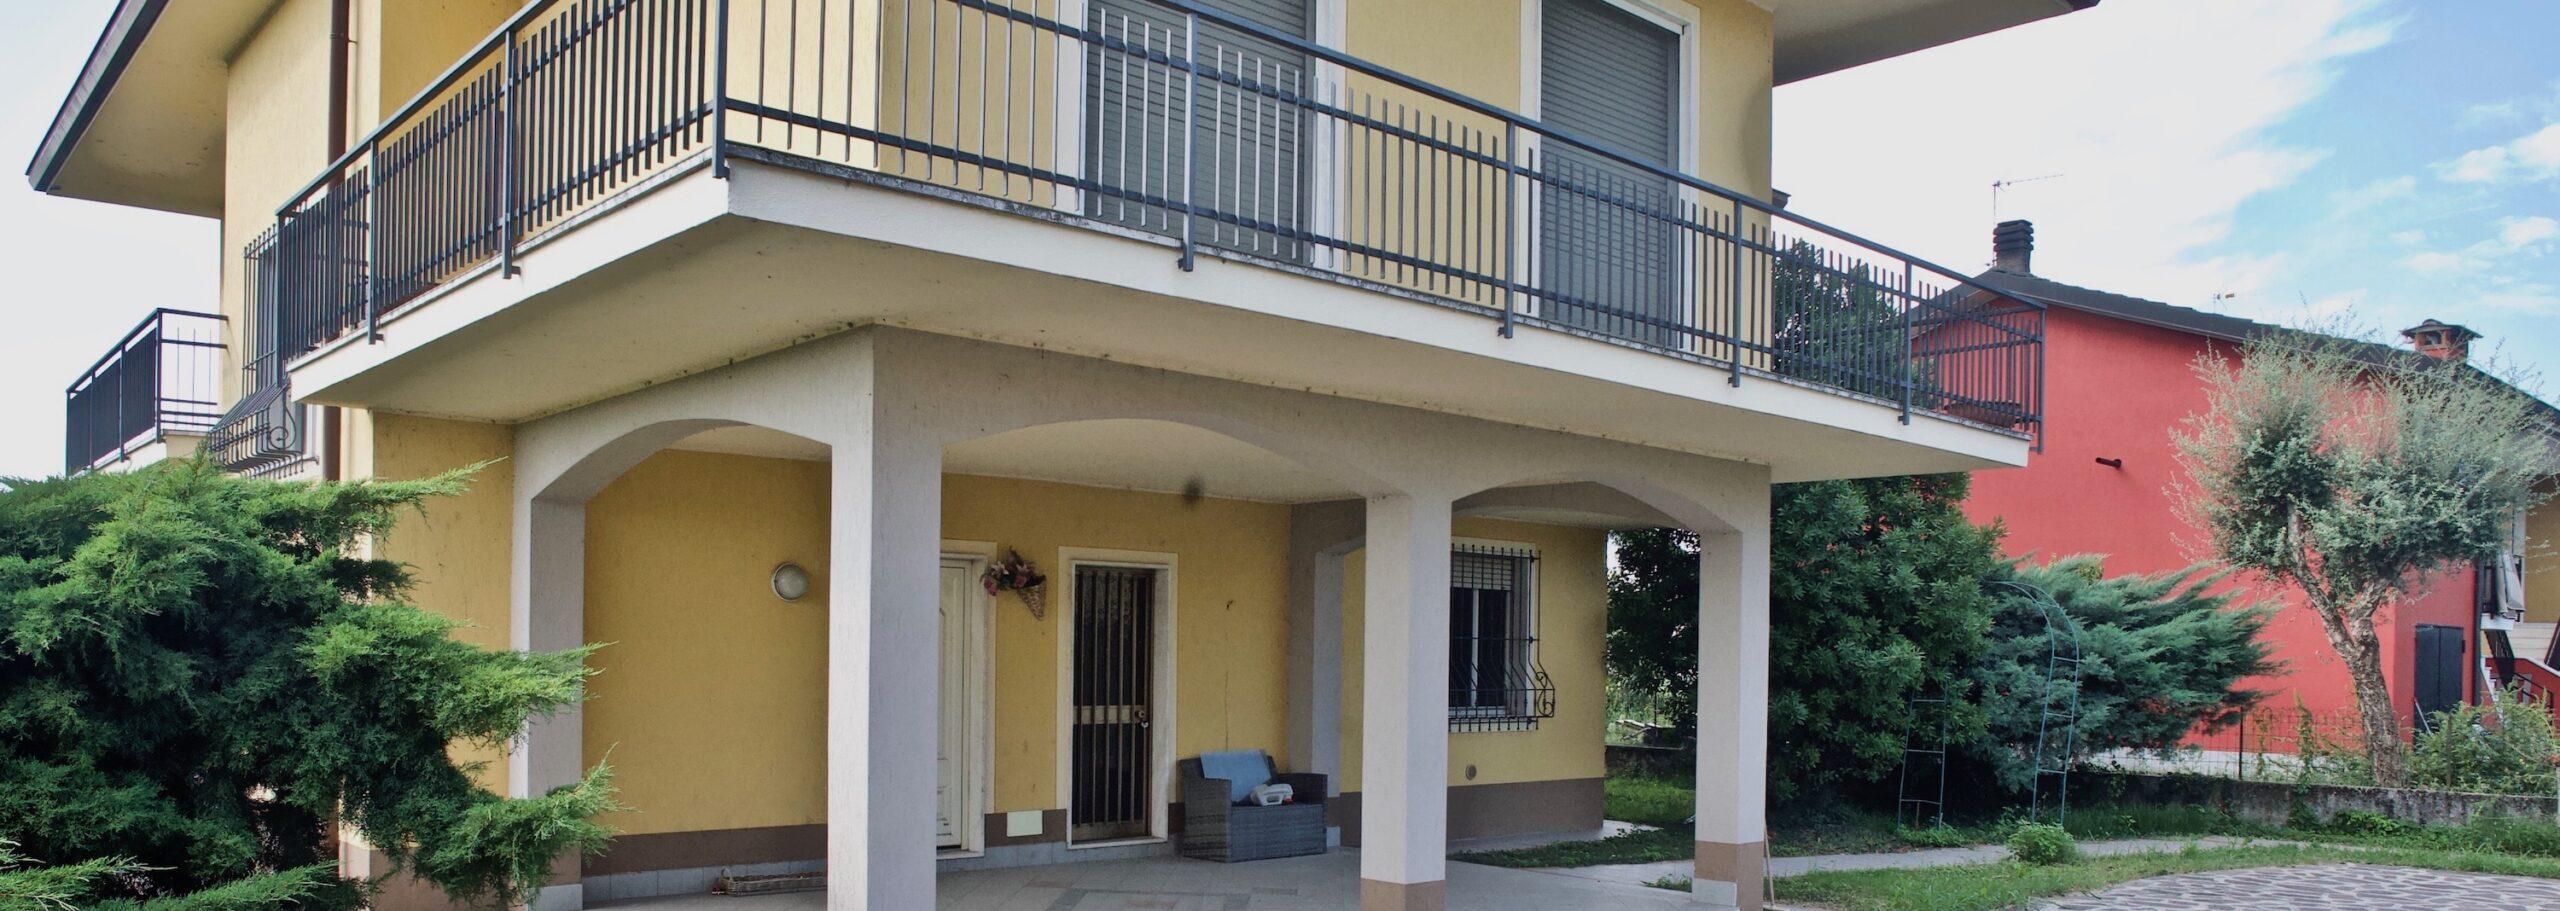 Villa singola ad Agnadello